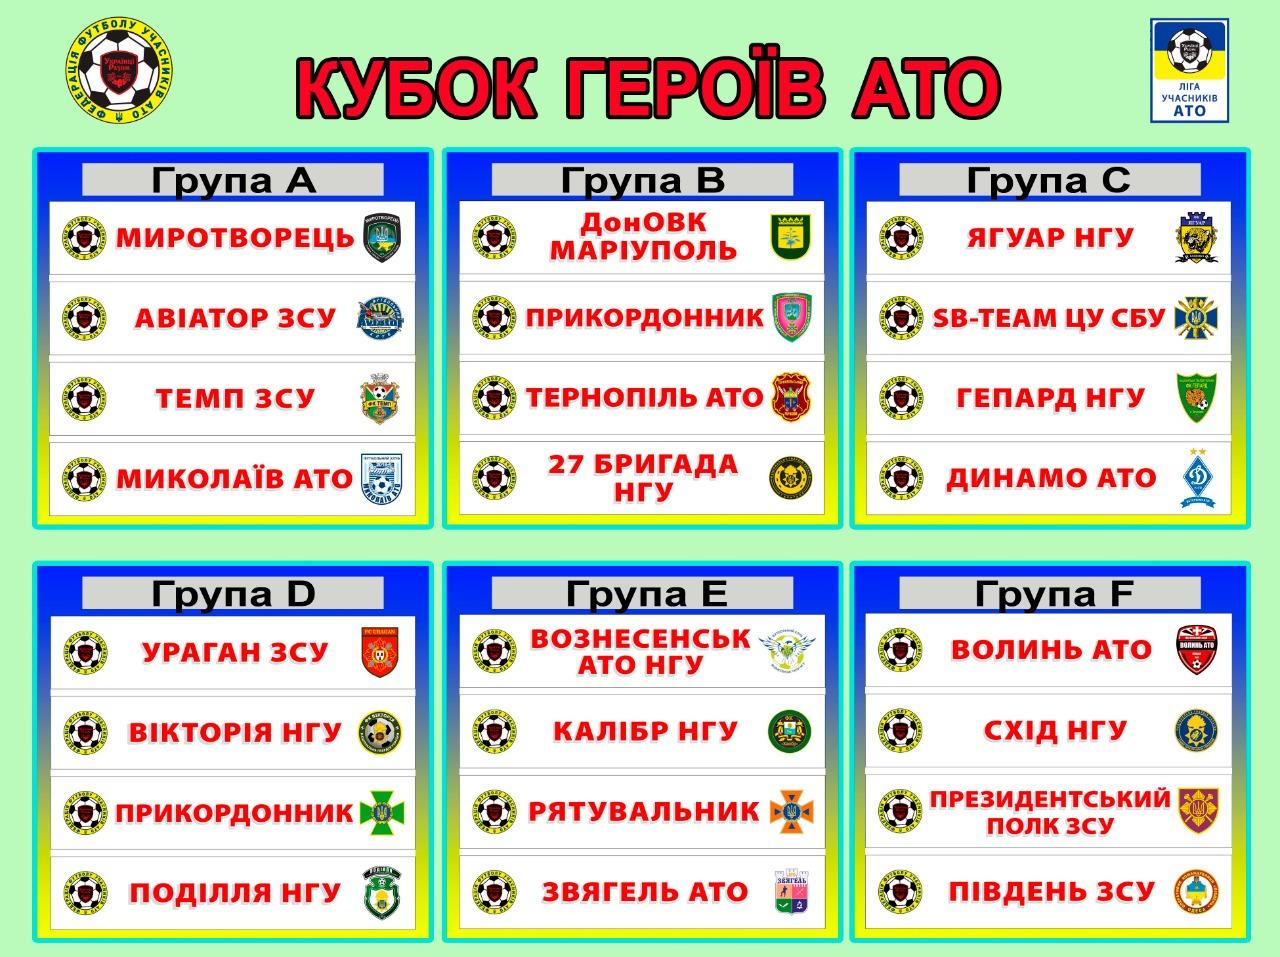 7-го жовтня стартує 6-й сезон фінальної частини змагань на Кубок Героїв АТО-2020